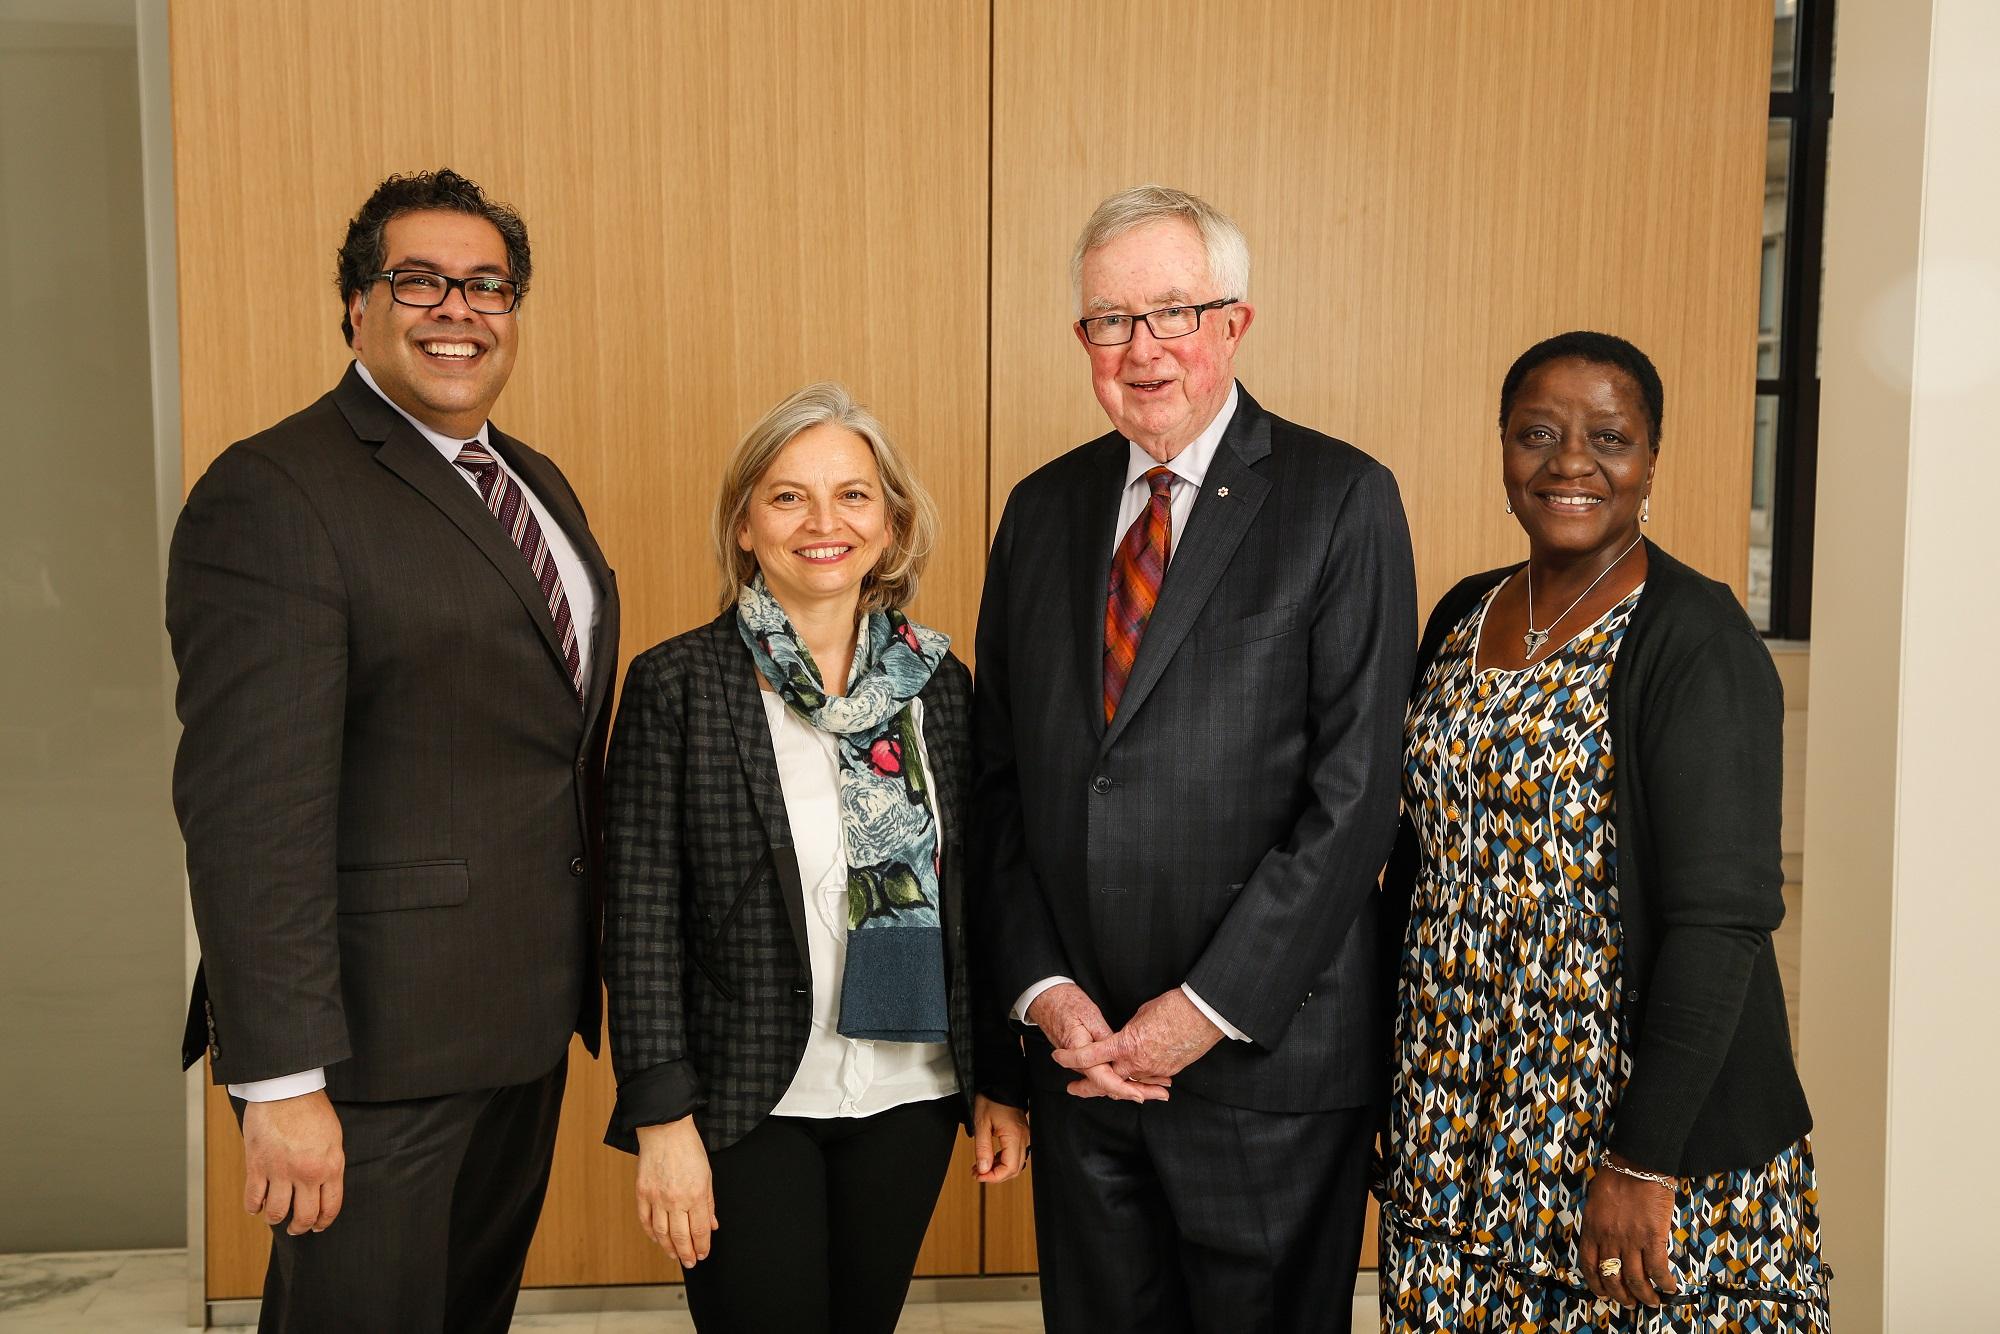 L'honorable jury se rencontre à Ottawa